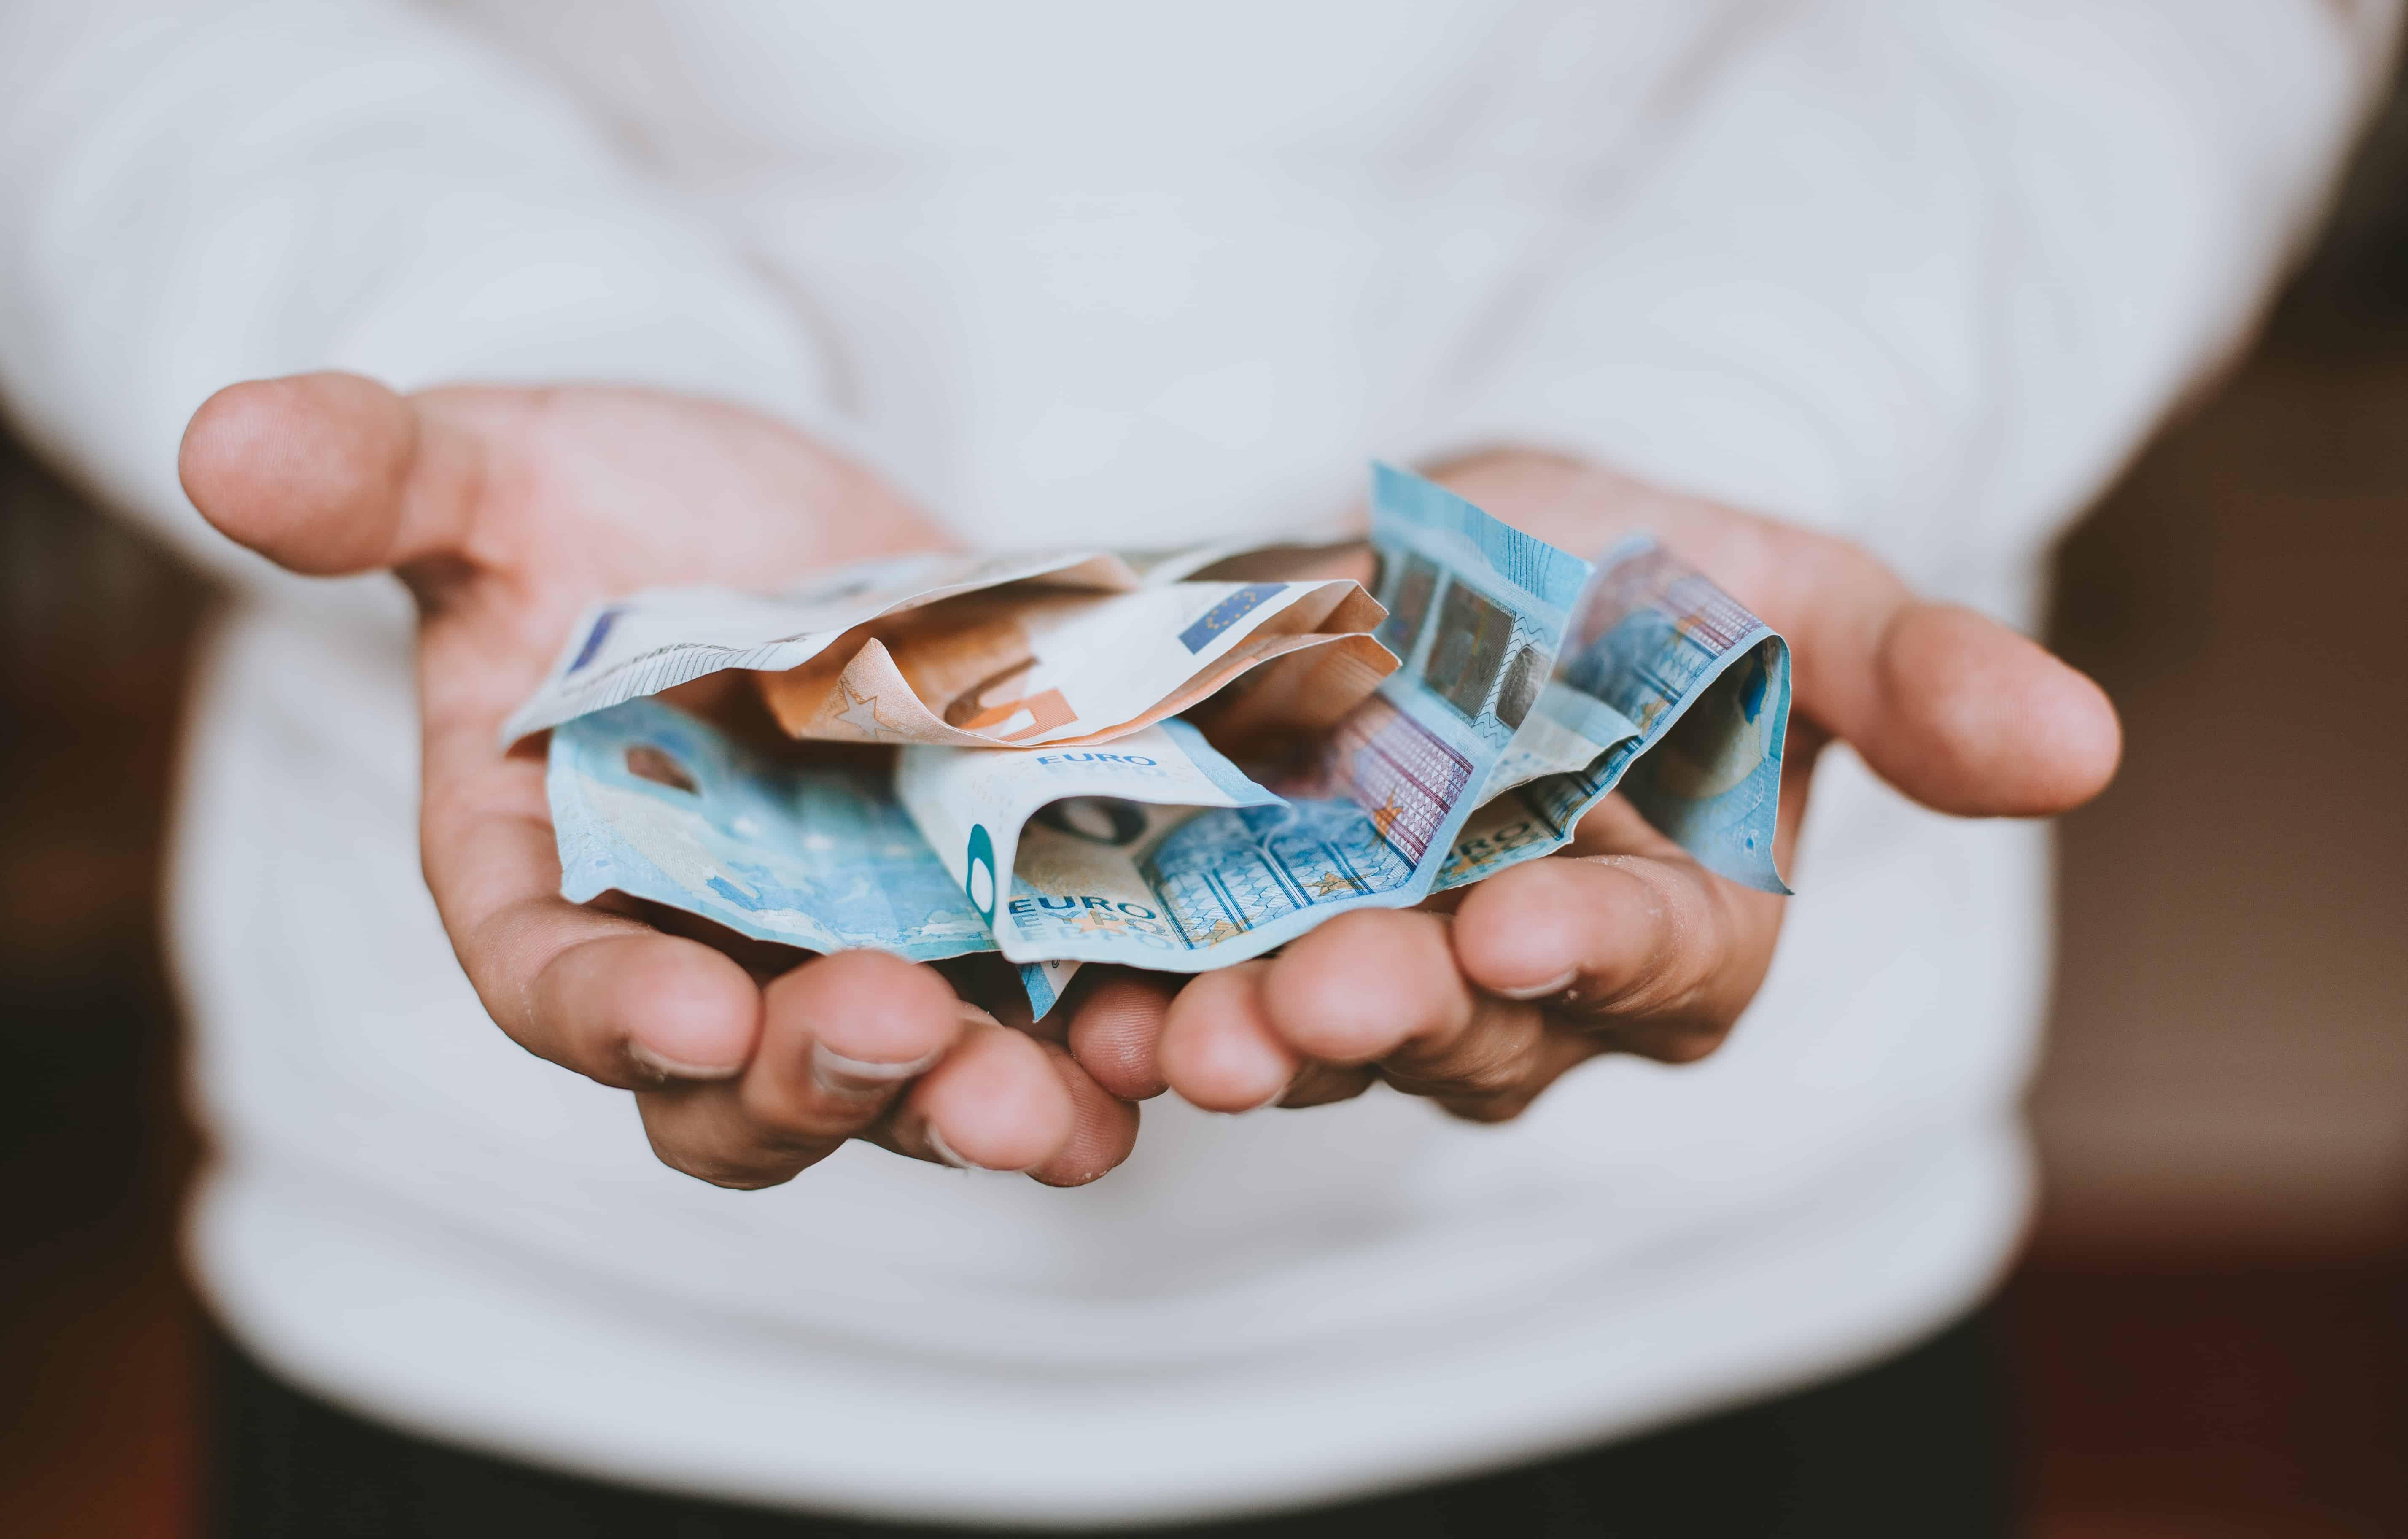 cum să faci bani rapid în rețea câștigați 15 mii repede